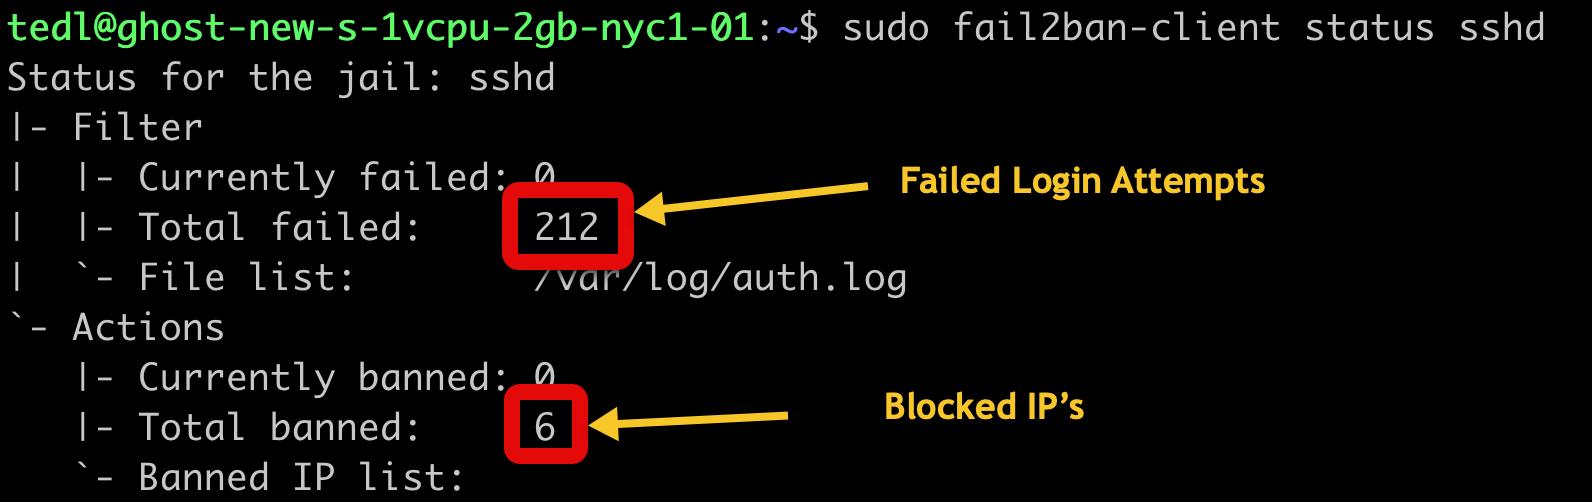 fail2ban Failed Login Attempts